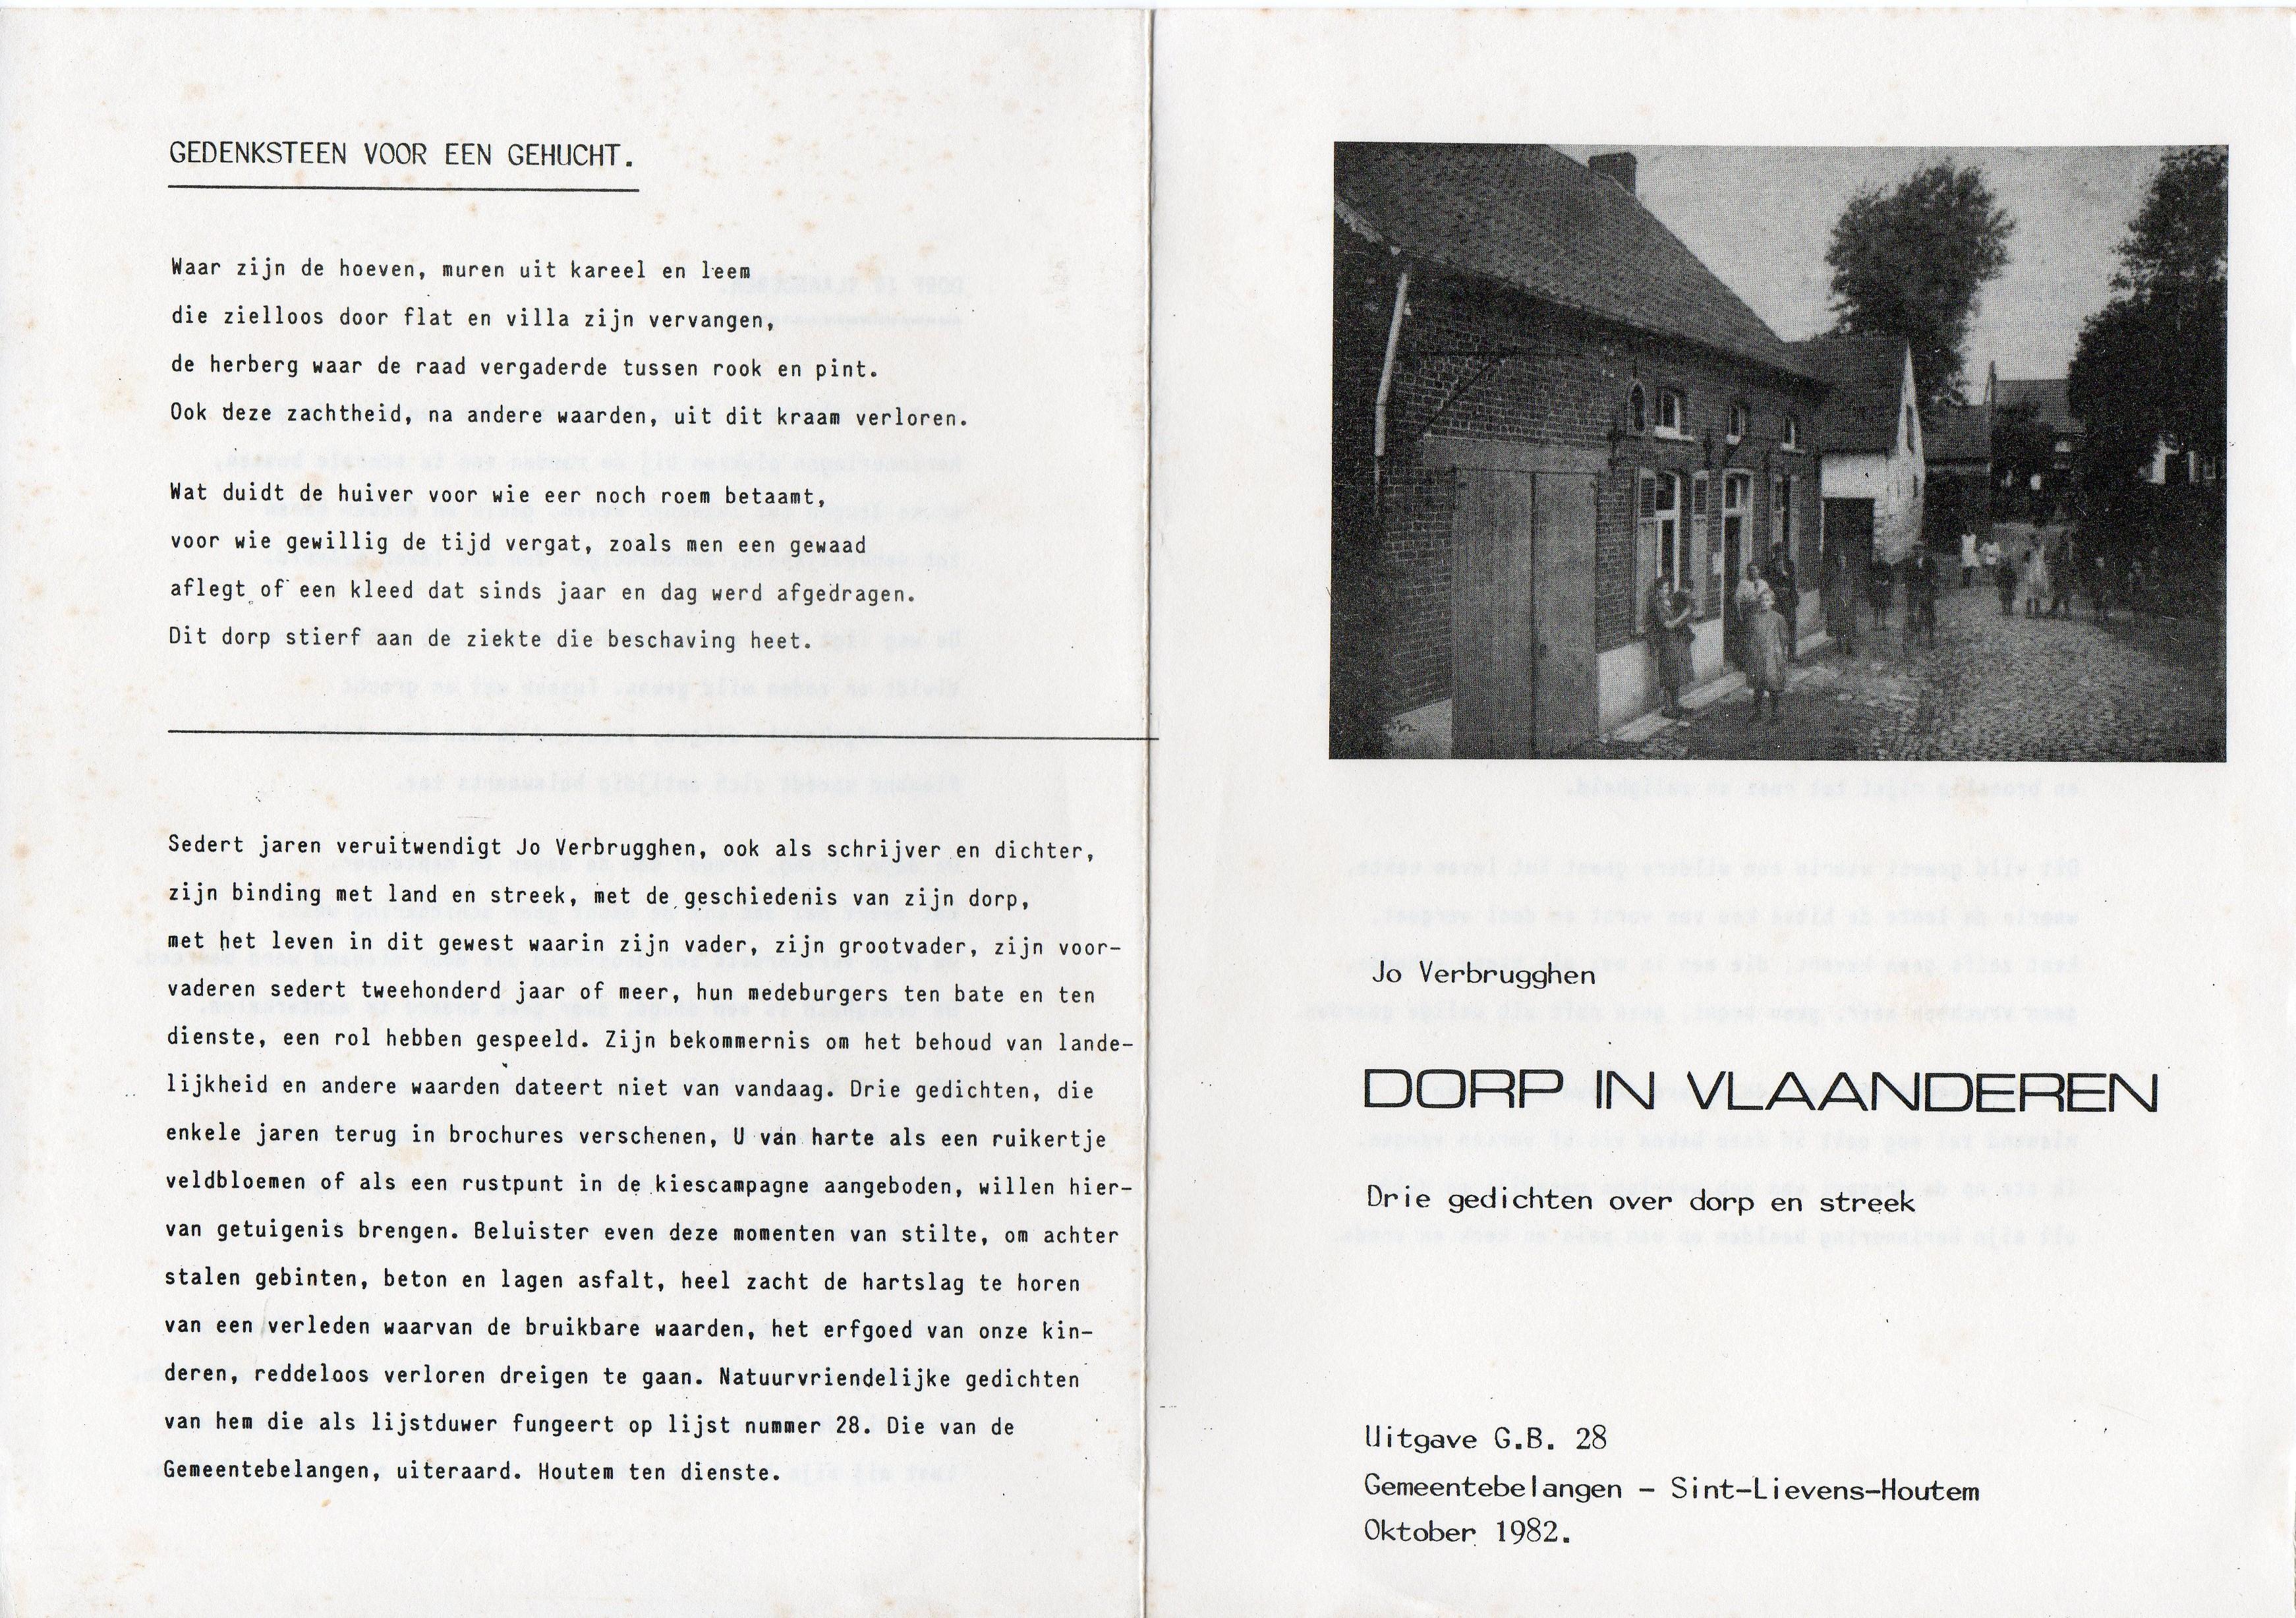 Dorp in Vlaanderen